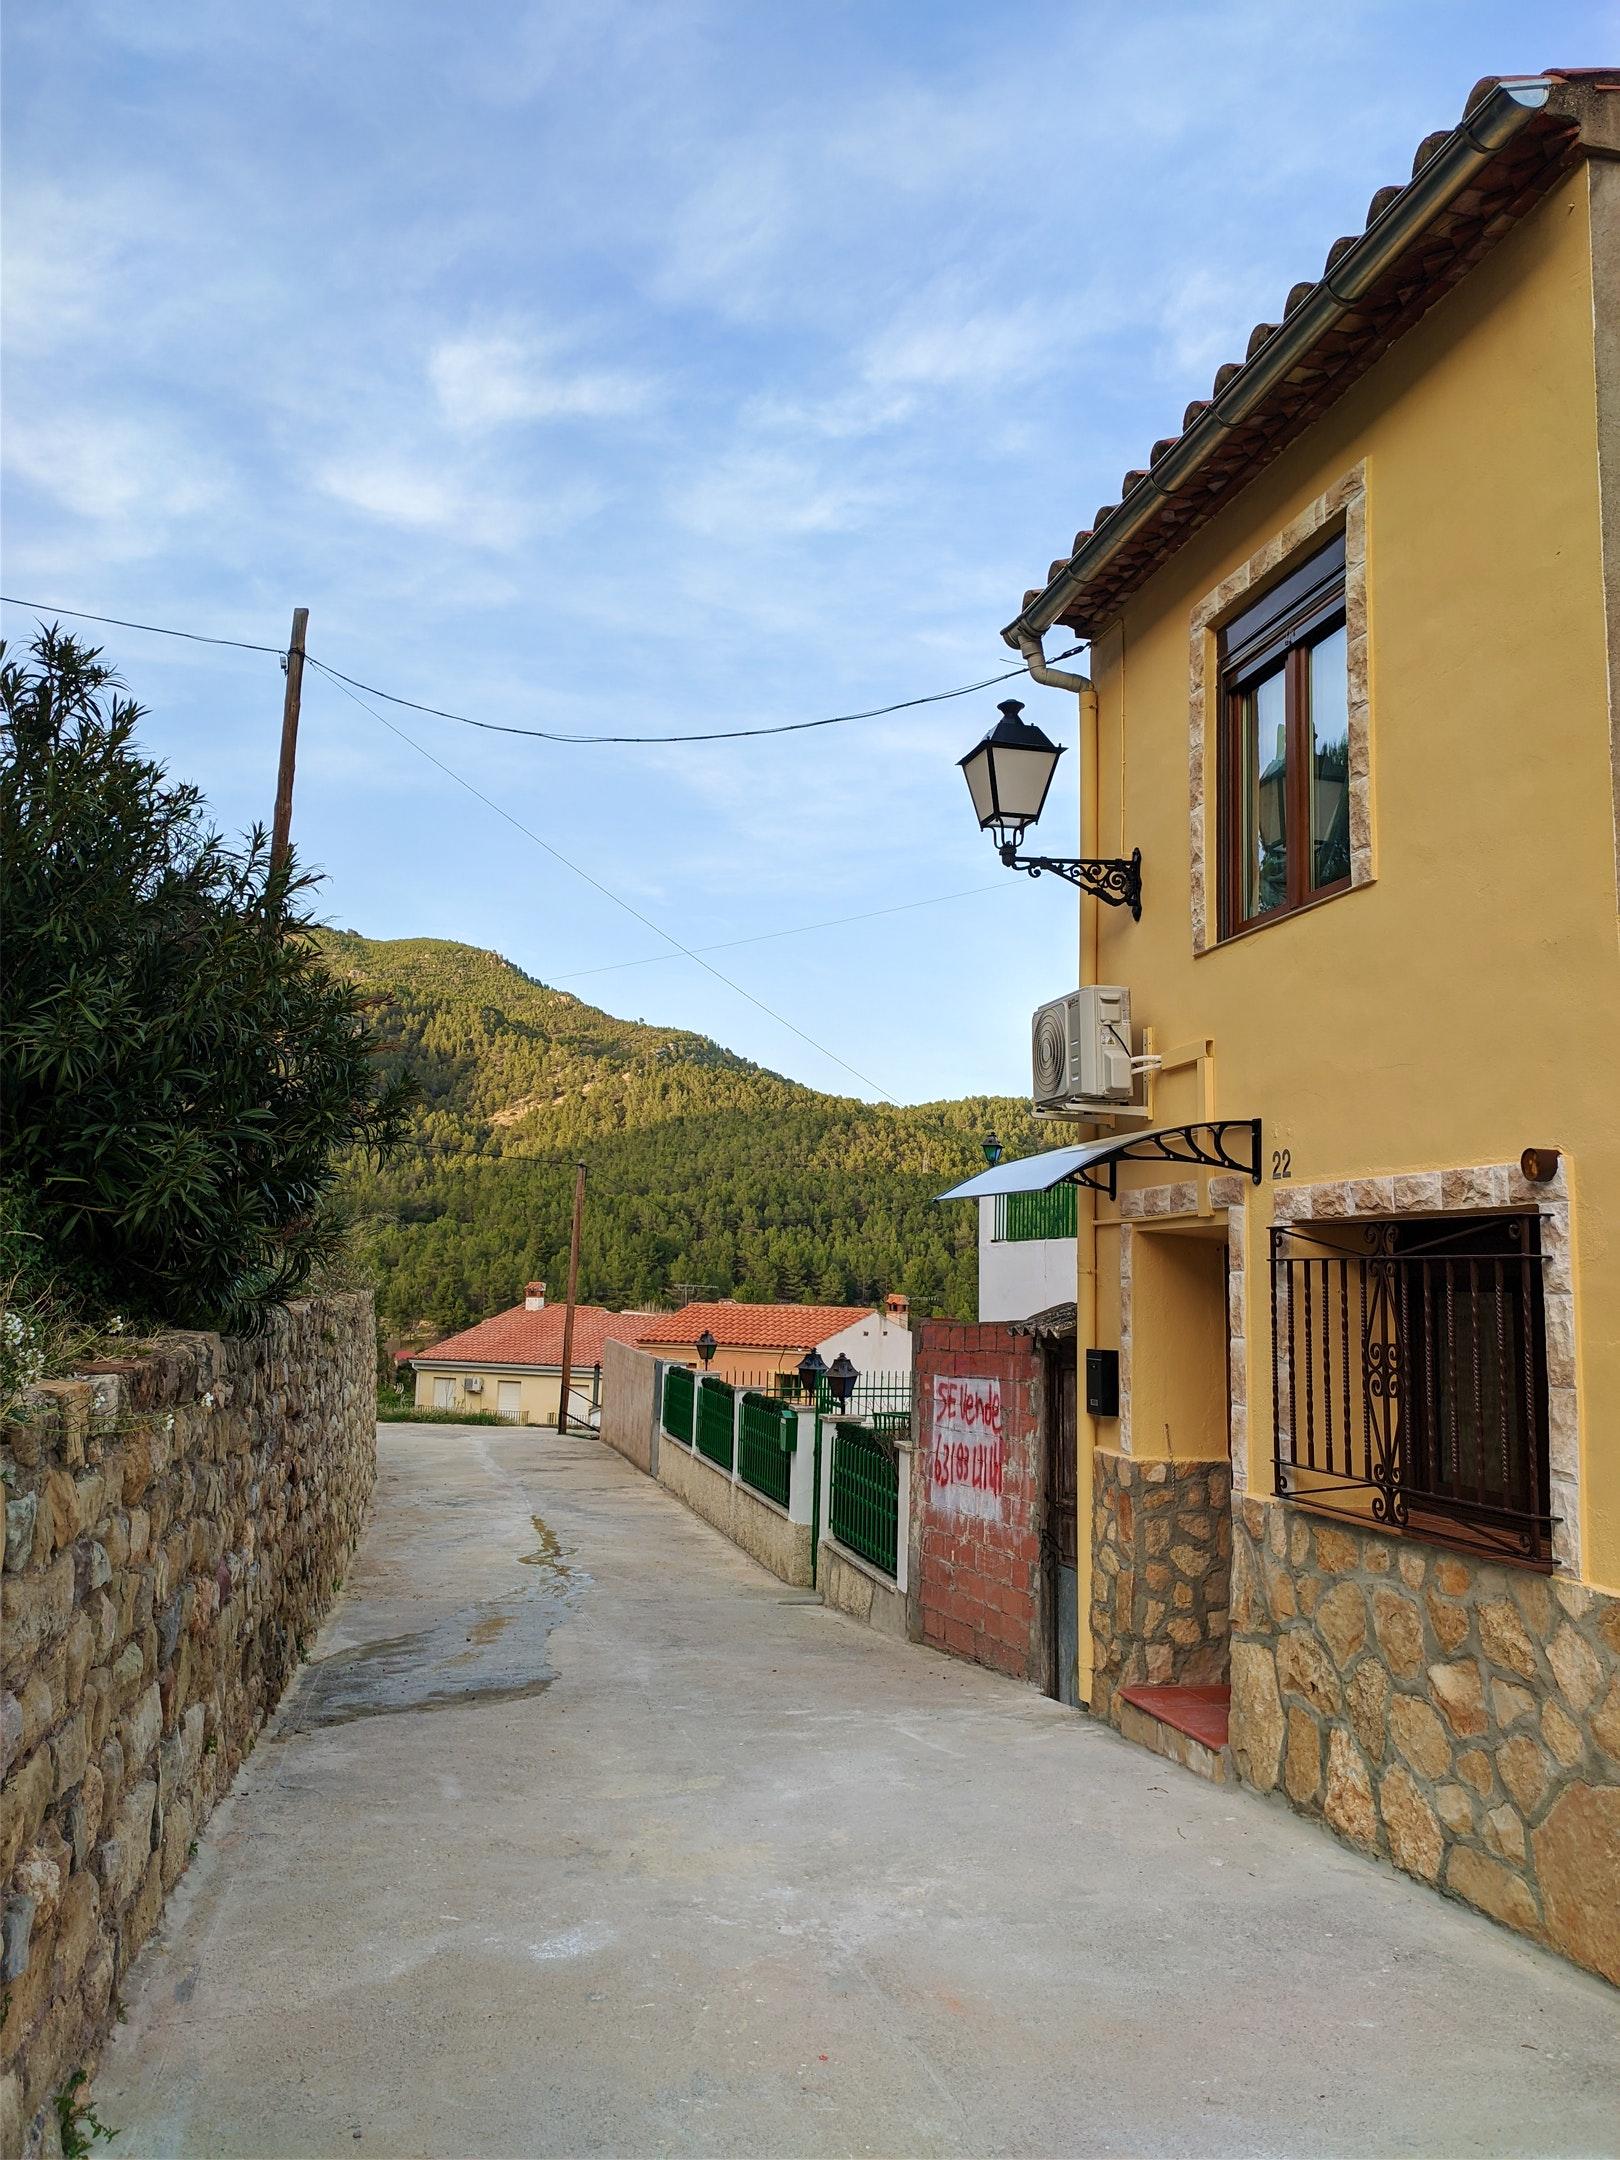 Ferienhaus Haus mit 3 Schlafzimmern in Montanejos mit toller Aussicht auf die Berge, Terrasse und W-L (2751376), Montanejos, Provinz Castellón, Valencia, Spanien, Bild 1